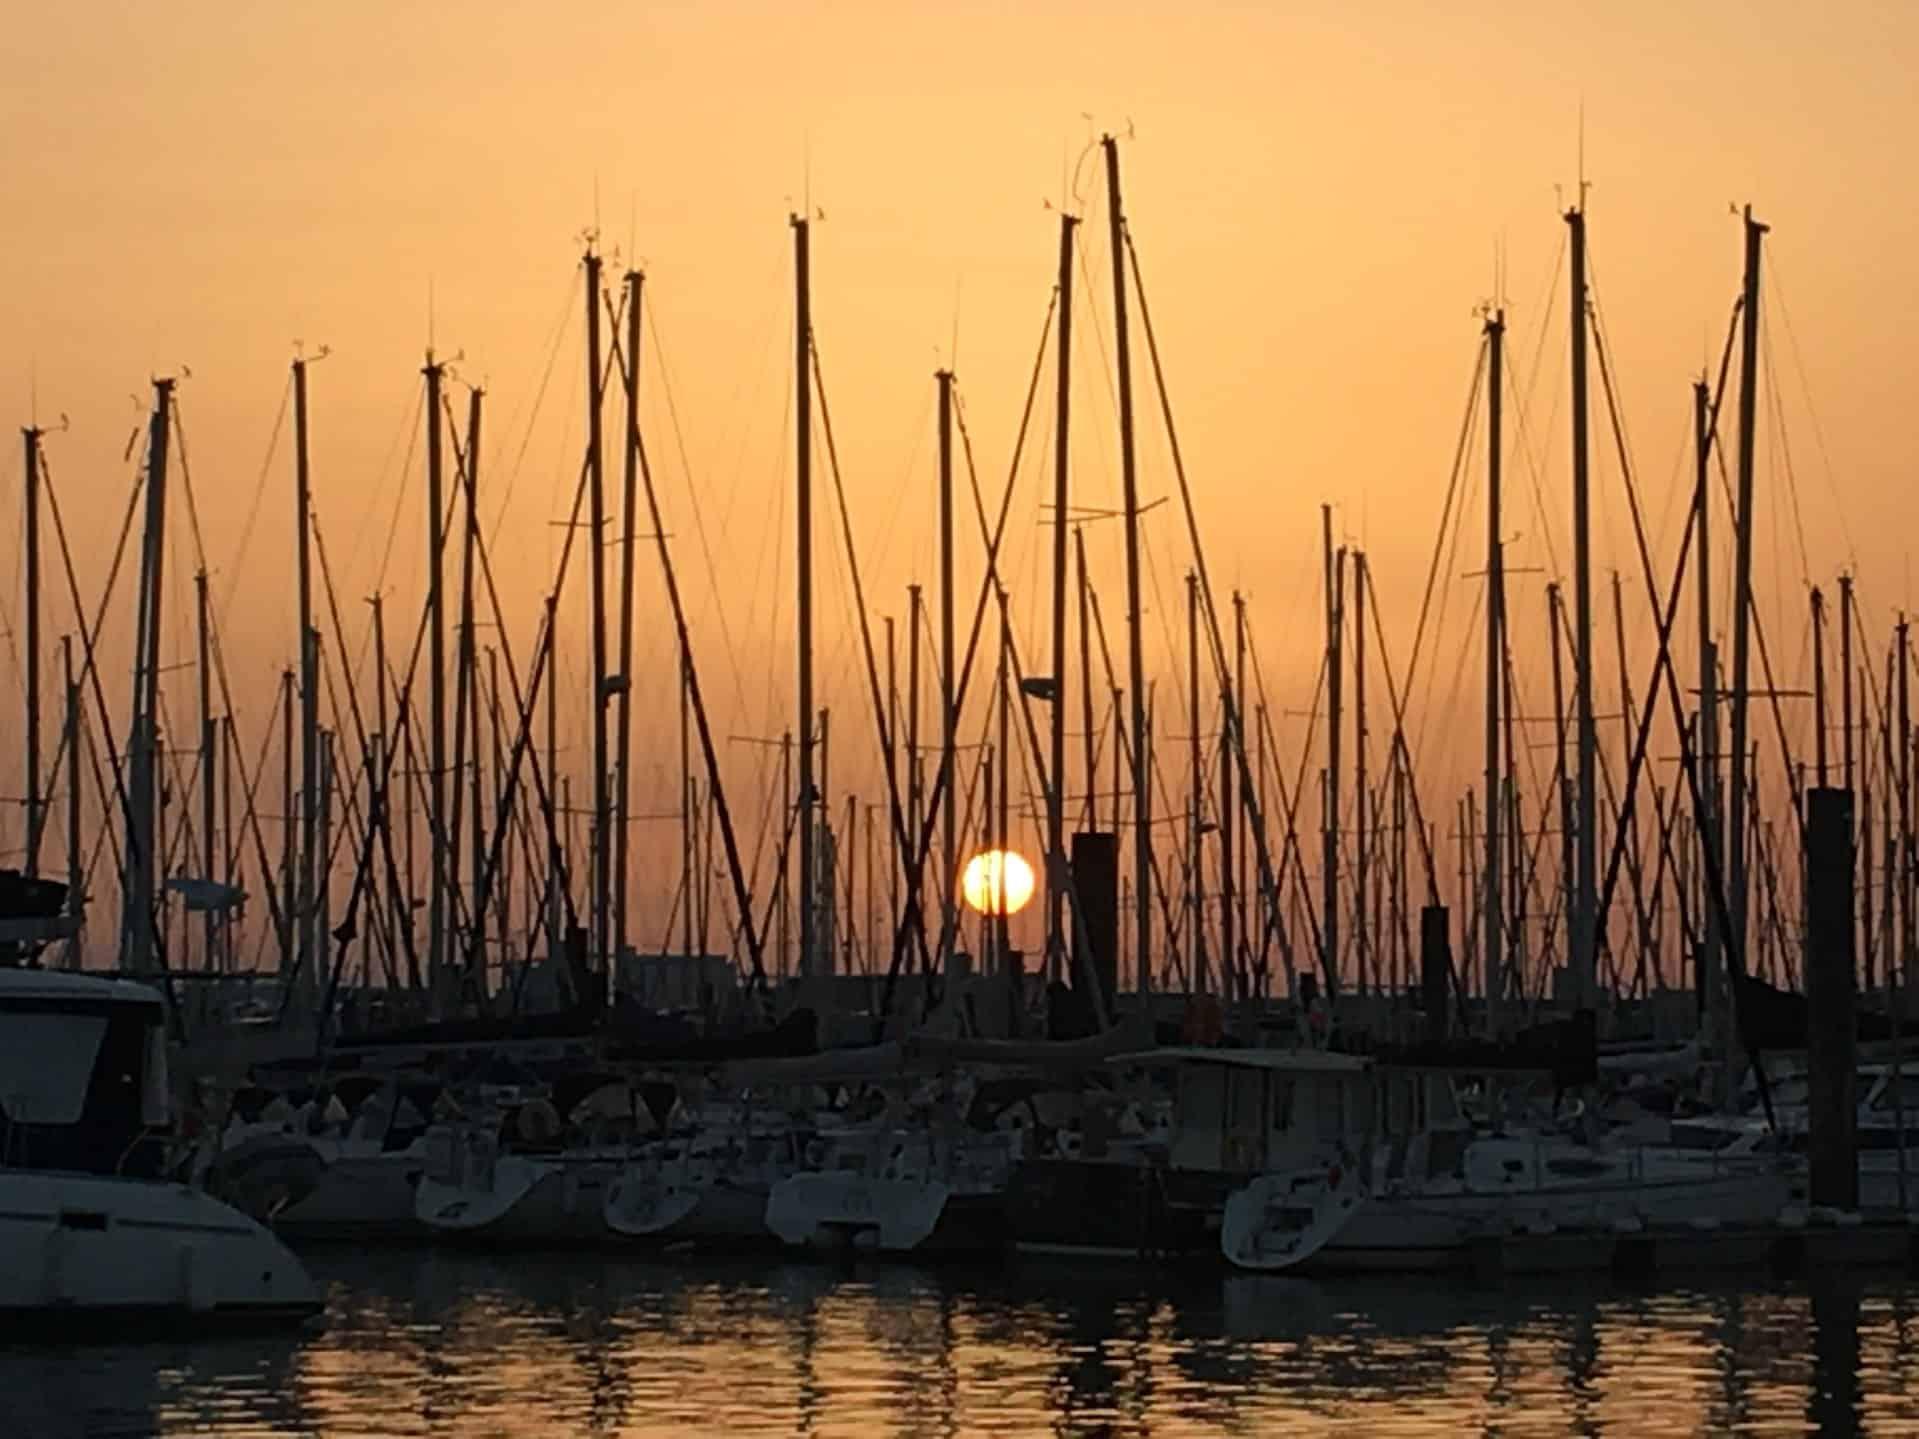 Golden sunset in Port Mimines